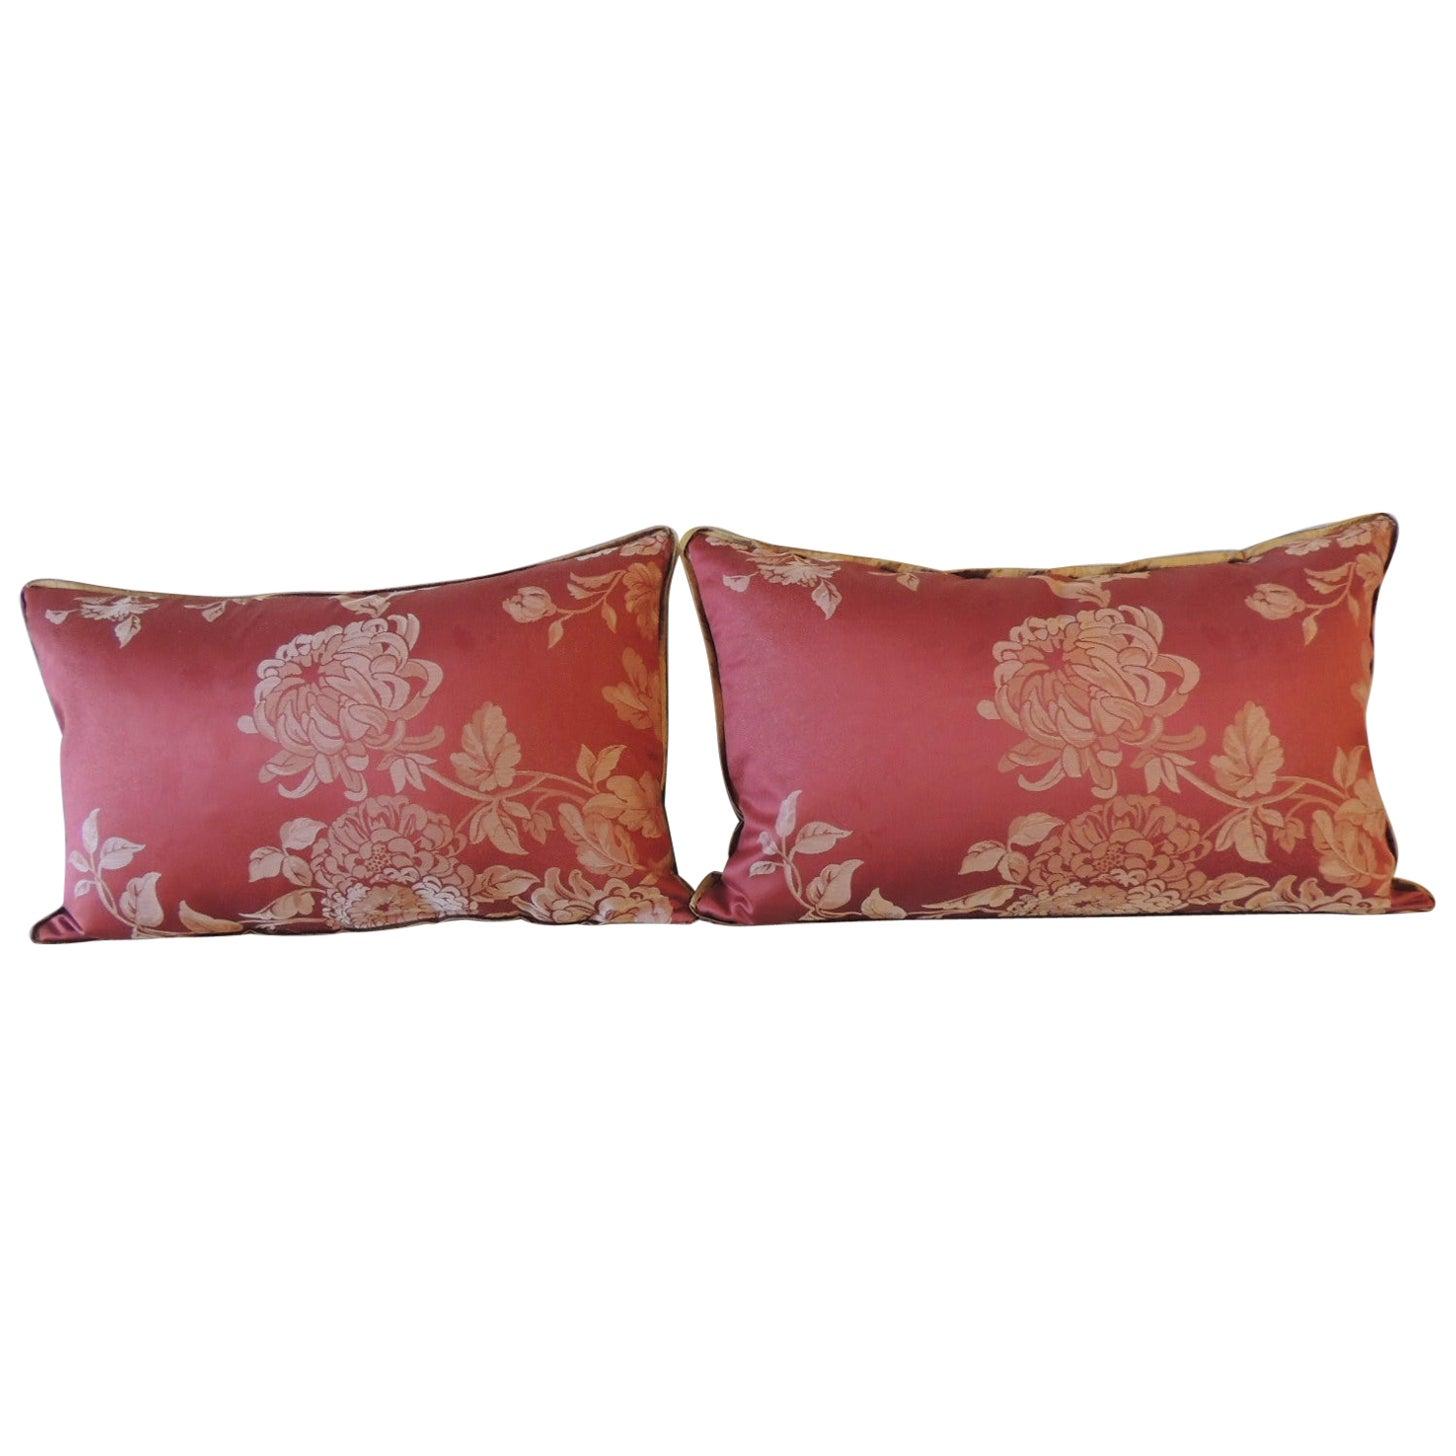 Pair of Red Satin Cotton Modern Lumbar Decorative Pillows